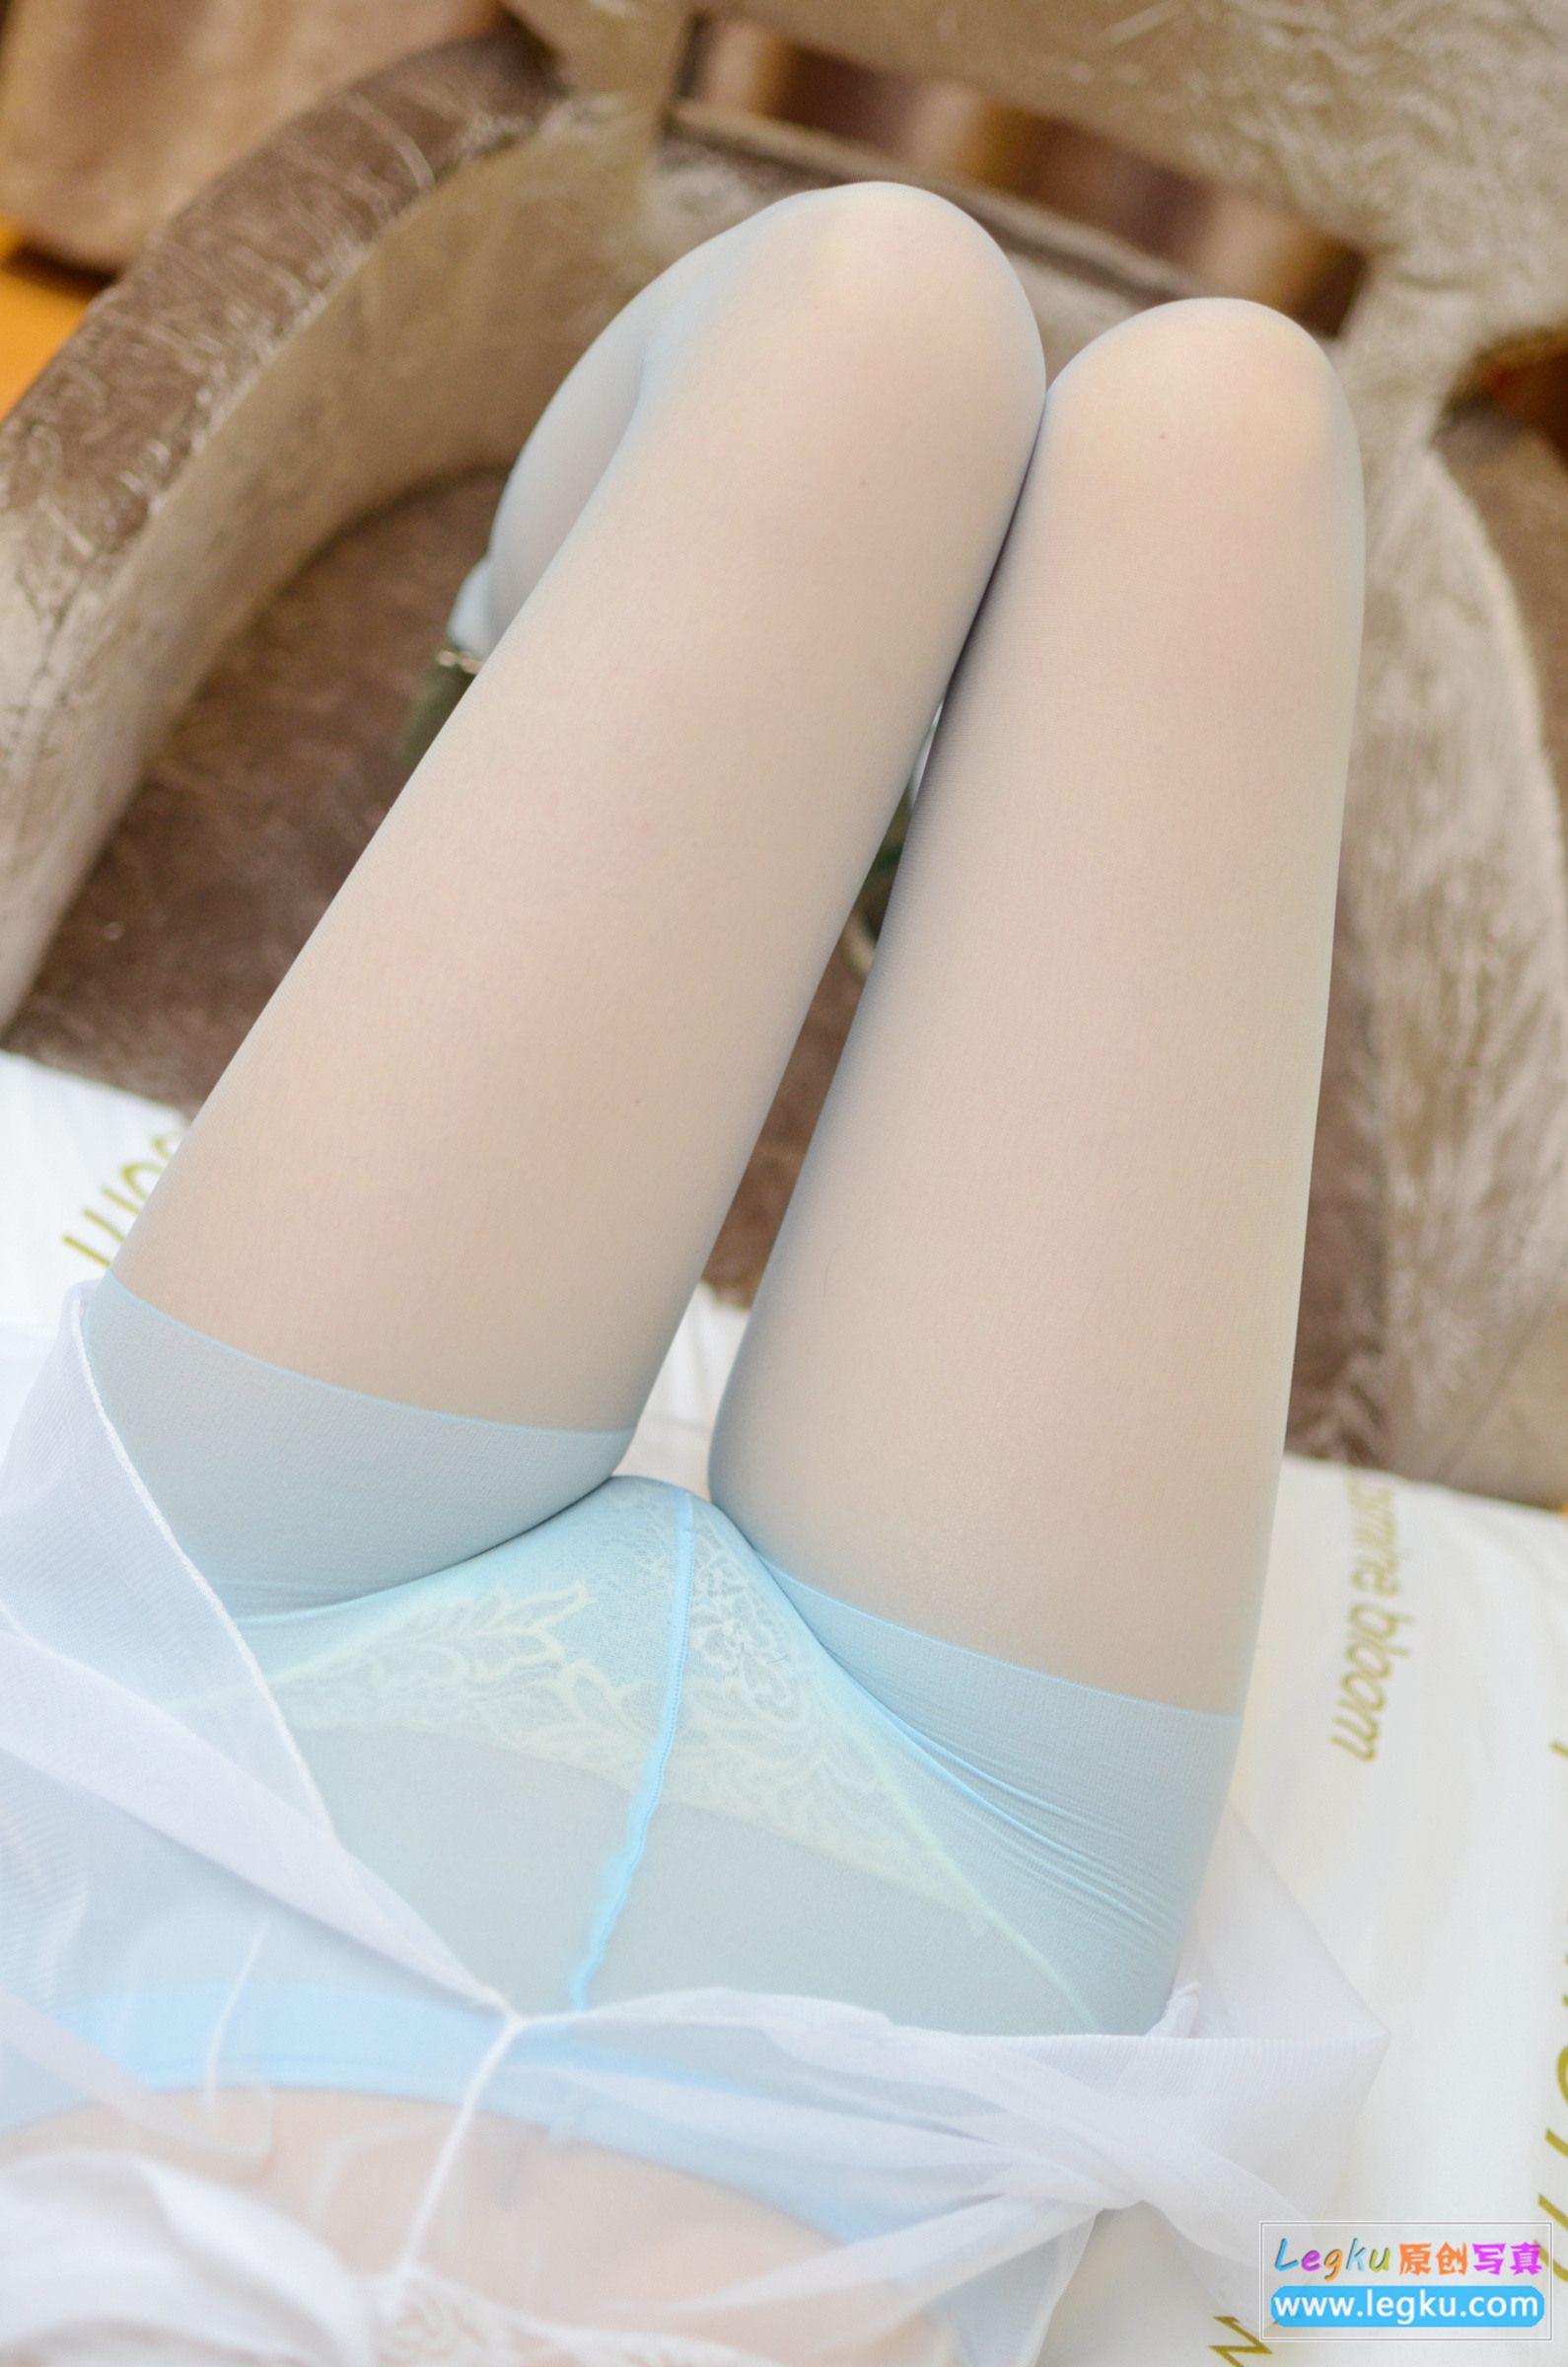 超薄蓝色丝袜丝足高跟 写真套图